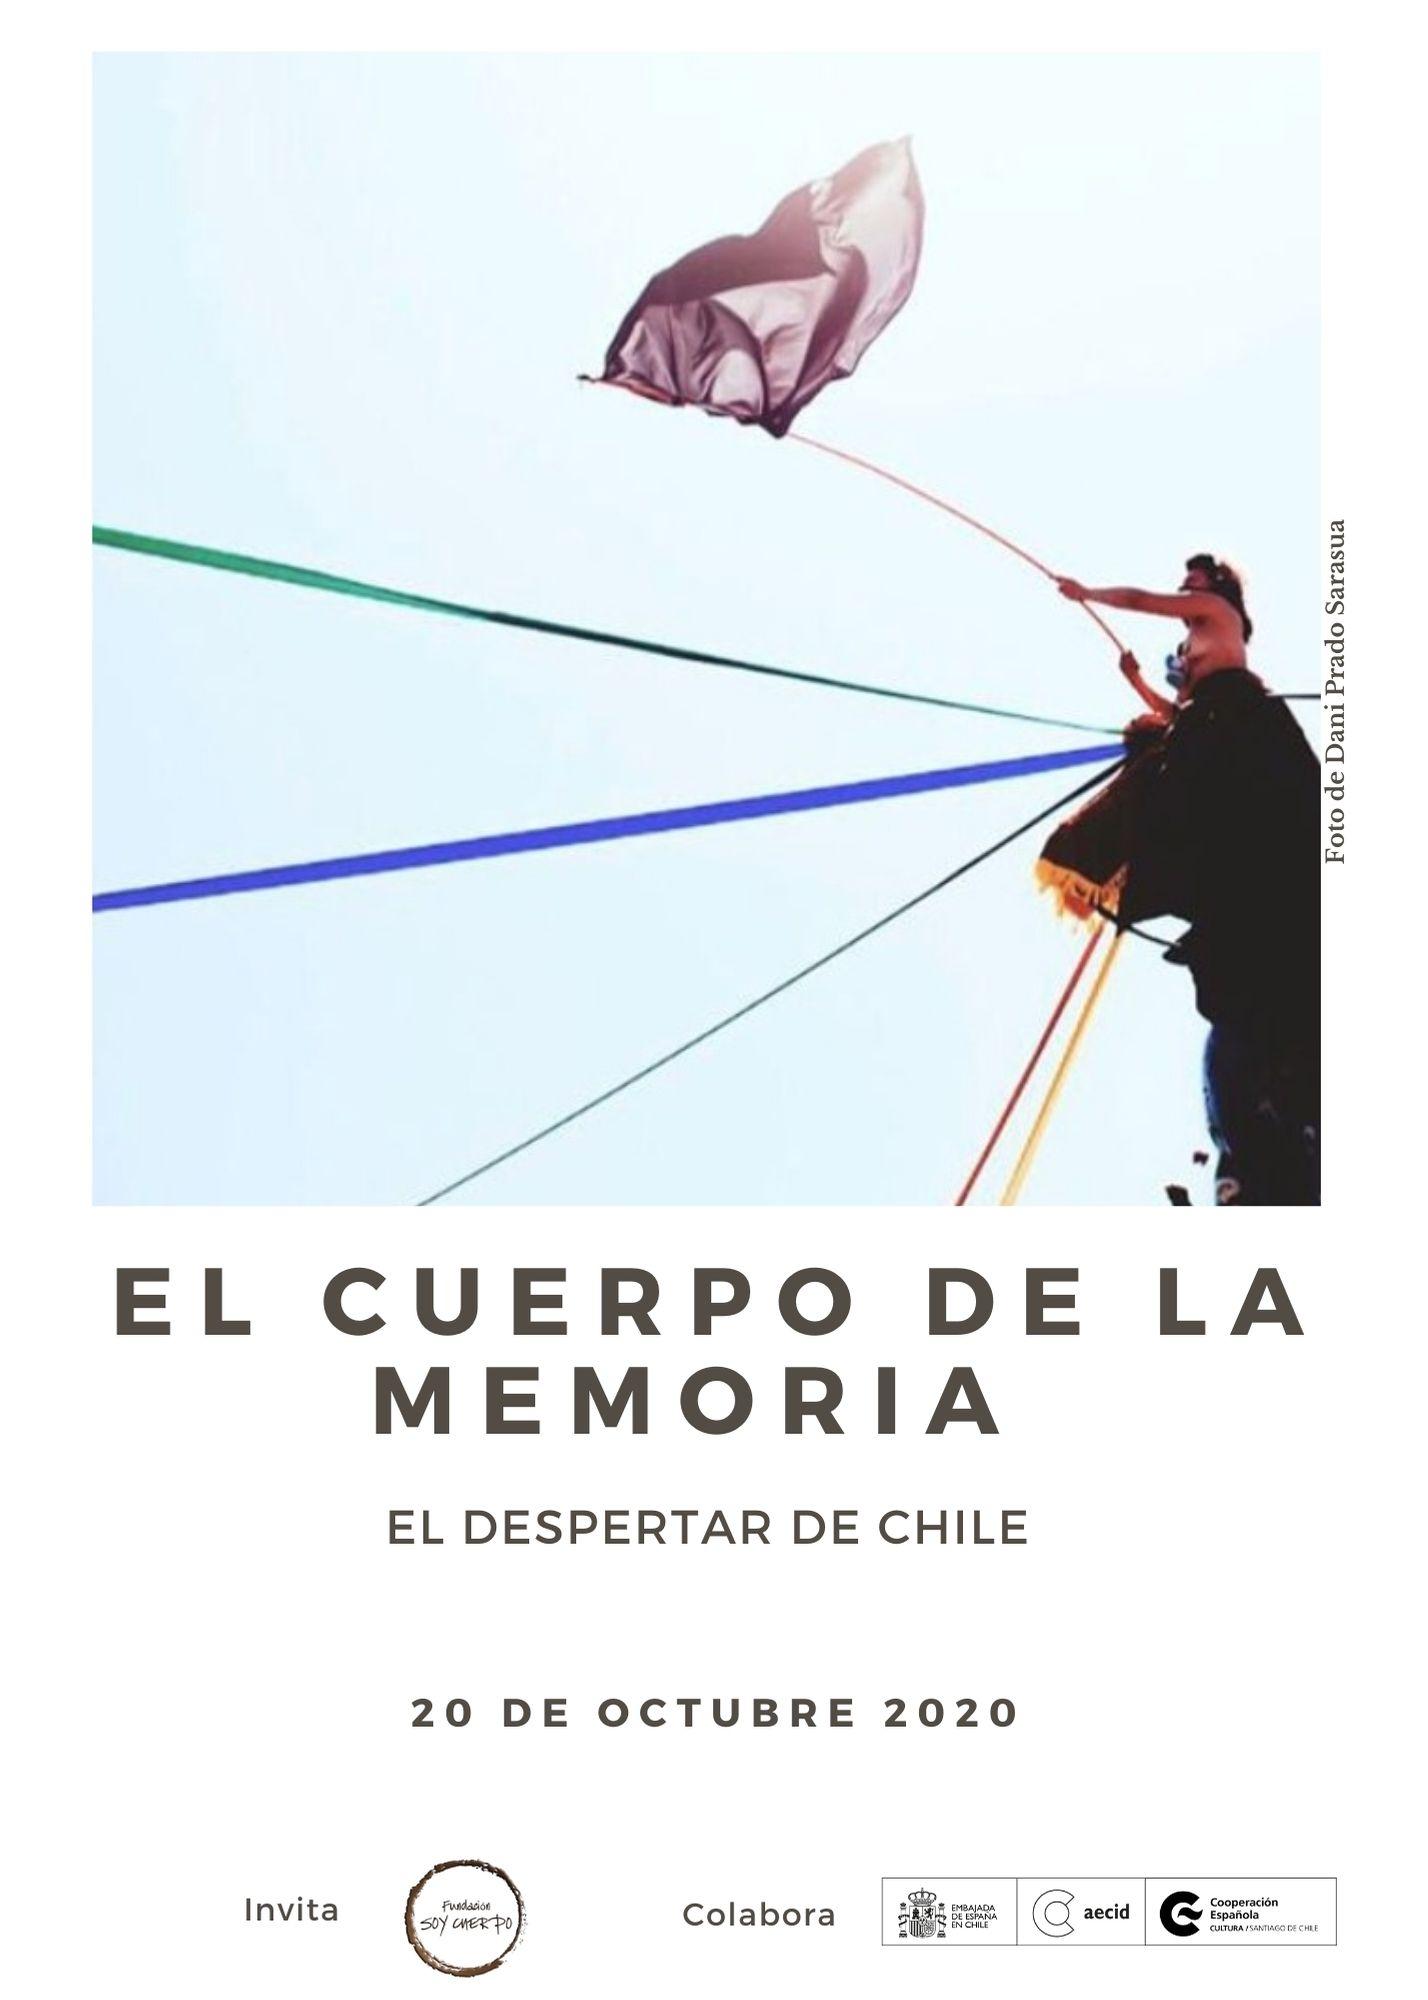 Afiche El Cuerpo de la Memoria 2020. 20 de Octubre.